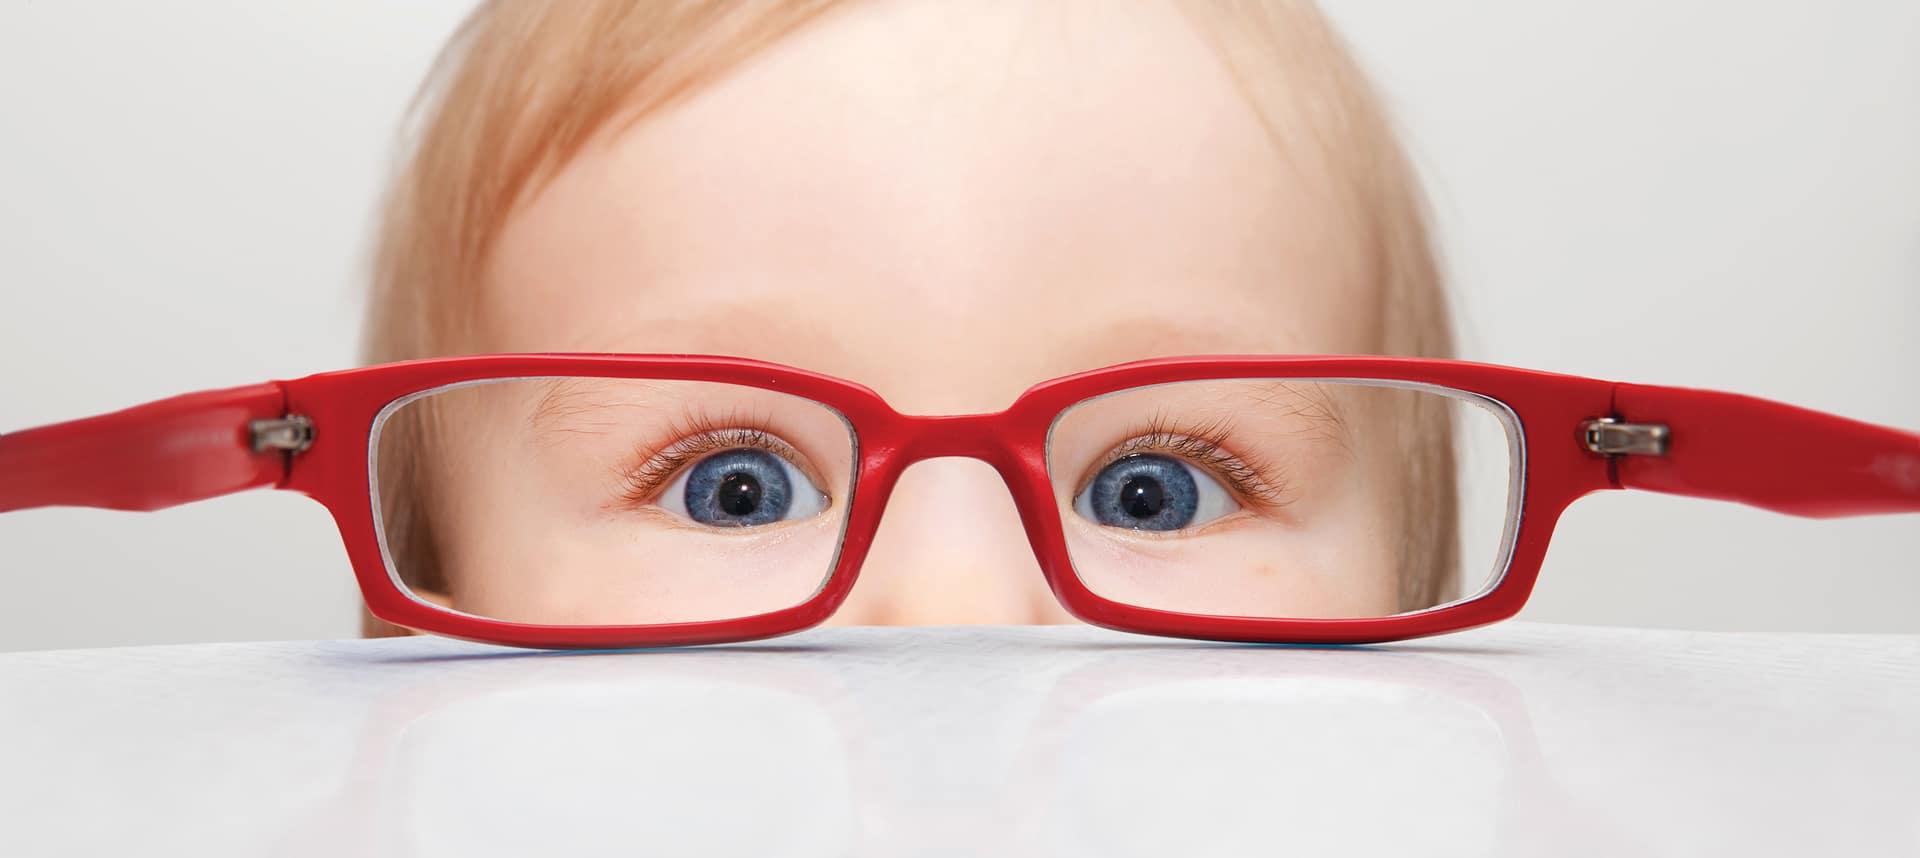 Очки от косоглазия для взрослых и ребенка: можно ли исправить патологию оптикой